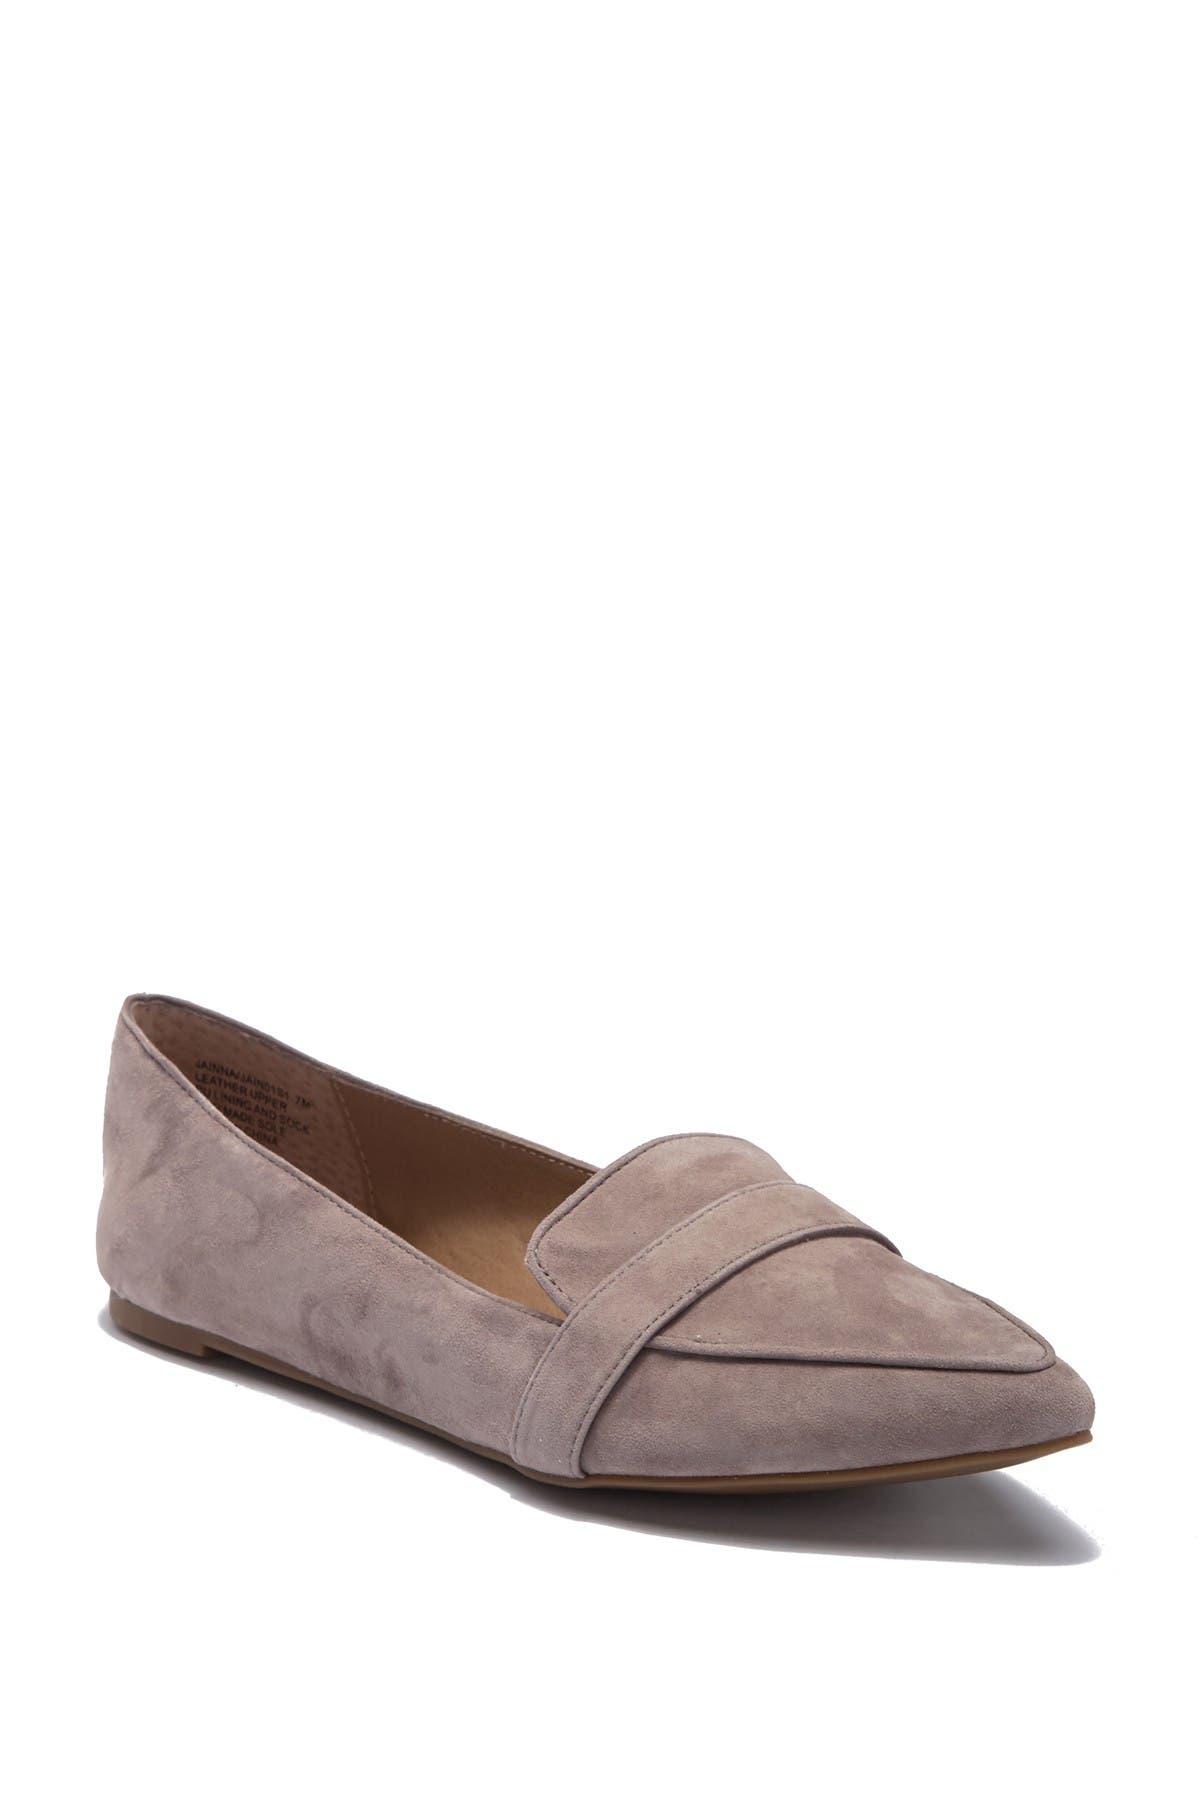 Steve Madden   Jainna Leather Loafer